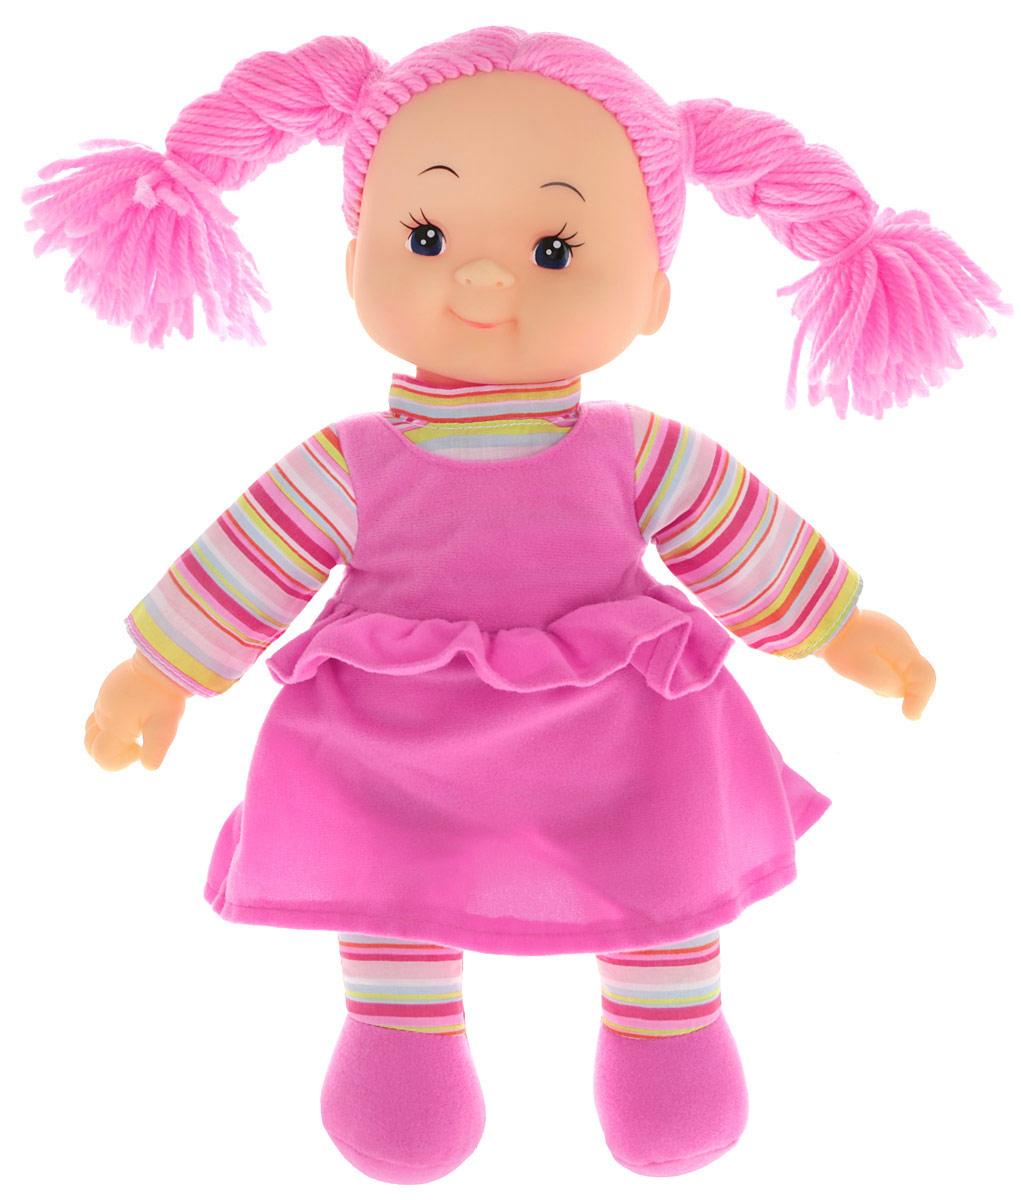 Simba Кукла мягкая Долли цвет платья светло-сиреневый5112238Мягкая кукла Simba непременно понравится малышке, она быстро привлечет внимание своей яркой расцветкой, добрым взглядом и красивым ярким нарядом. Малышка с удовольствием придумает много детских игр, которые от души порадуют девочку и подарят хорошее настроение на целый день. Красивая и мягкая на ощупь кукла обязательно заинтересует малышку и увлечет ее в мир удивительных игр. Кукла одета в пышное платье сиреневого цвета. Очаровательные волосы розового цвета, сплетенные из нитей, дополняют прекрасный образ куклы. Мягкая кукла Simba развивают тактильную чувствительность, стимулируют зрительное восприятие, хватательные рефлексы и моторику рук.